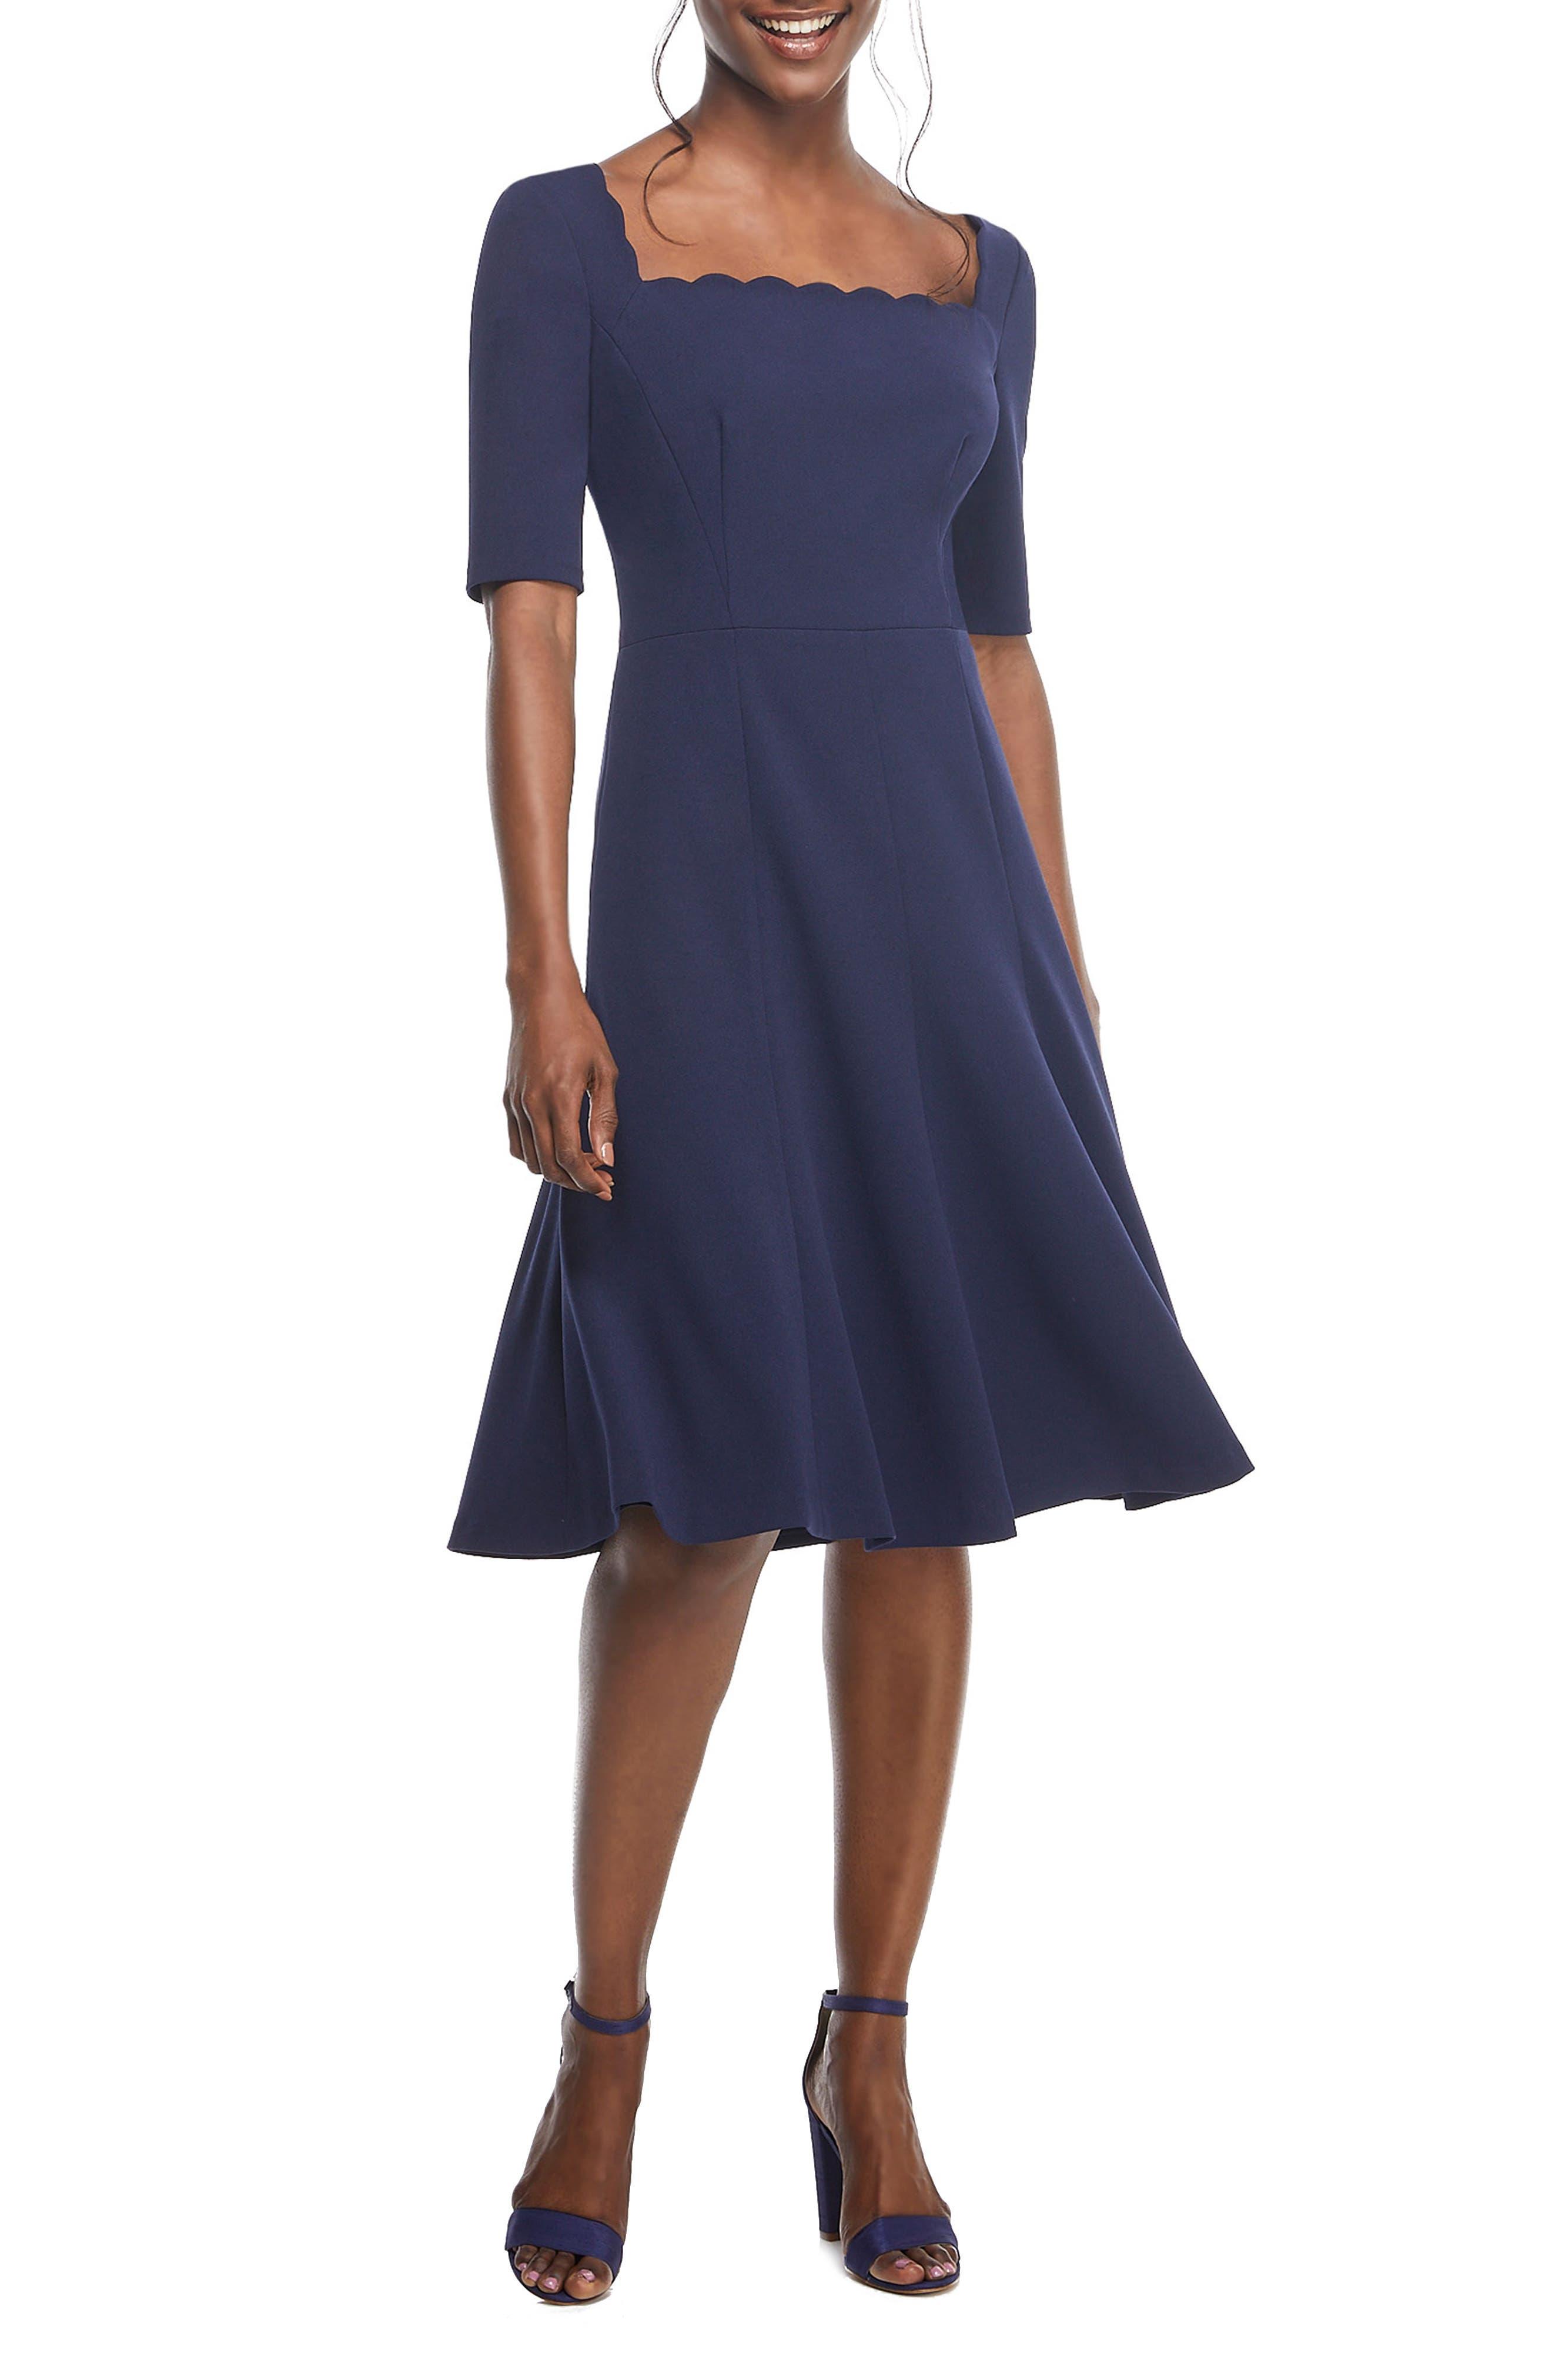 Plus Size Vintage Dresses, Plus Size Retro Dresses Womens Gal Meets Glam Collection Maria Scallop Scuba Crepe Fit  Flare Dress $94.80 AT vintagedancer.com